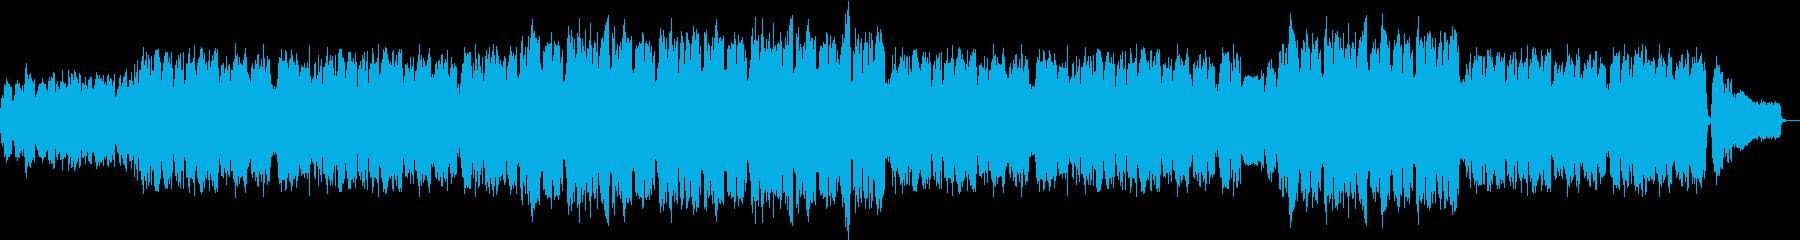 クラシック風弦楽4重奏のセレモニー曲の再生済みの波形